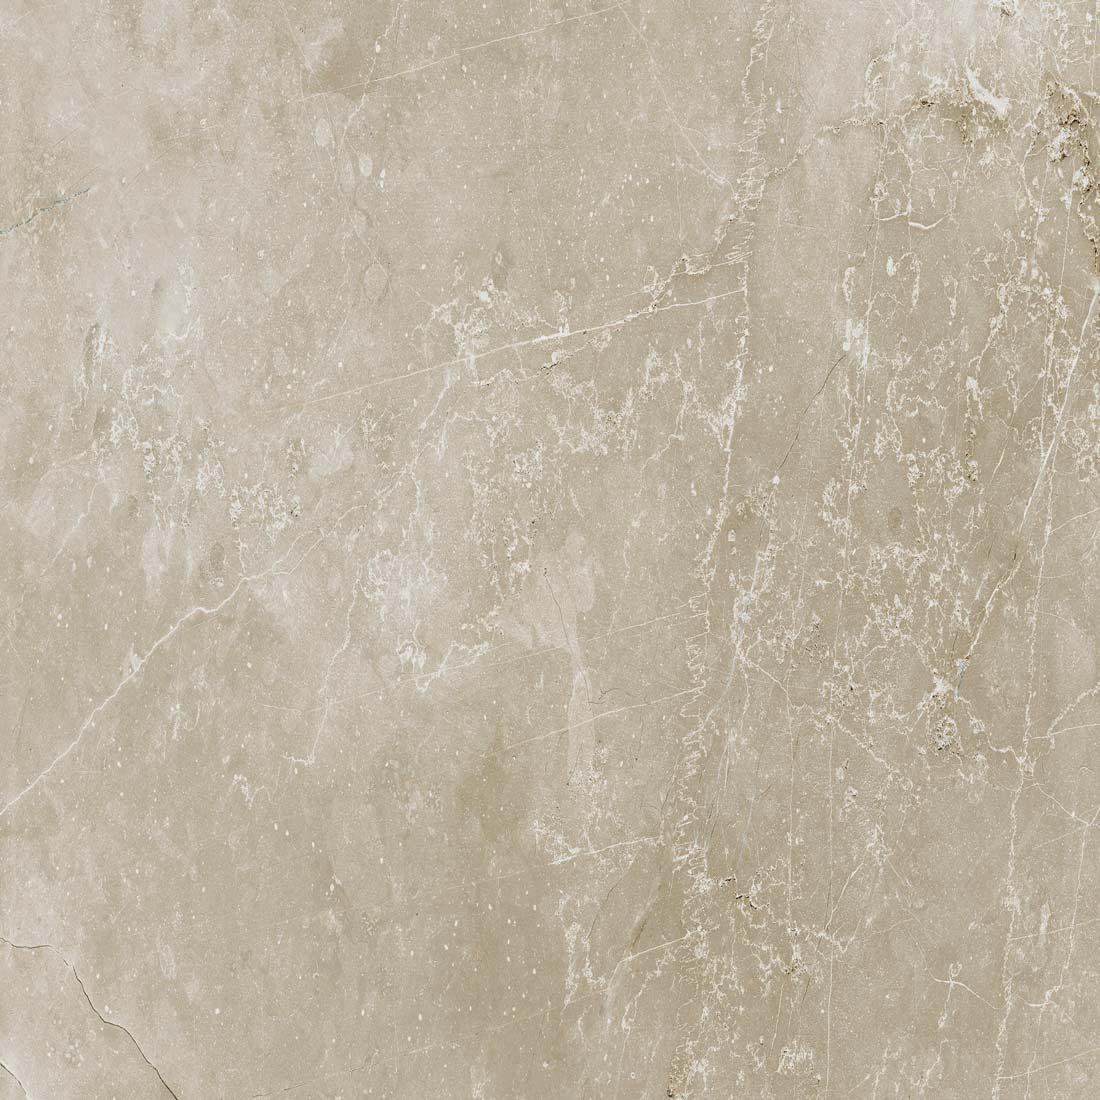 Texture marbre craquelée beige taupé